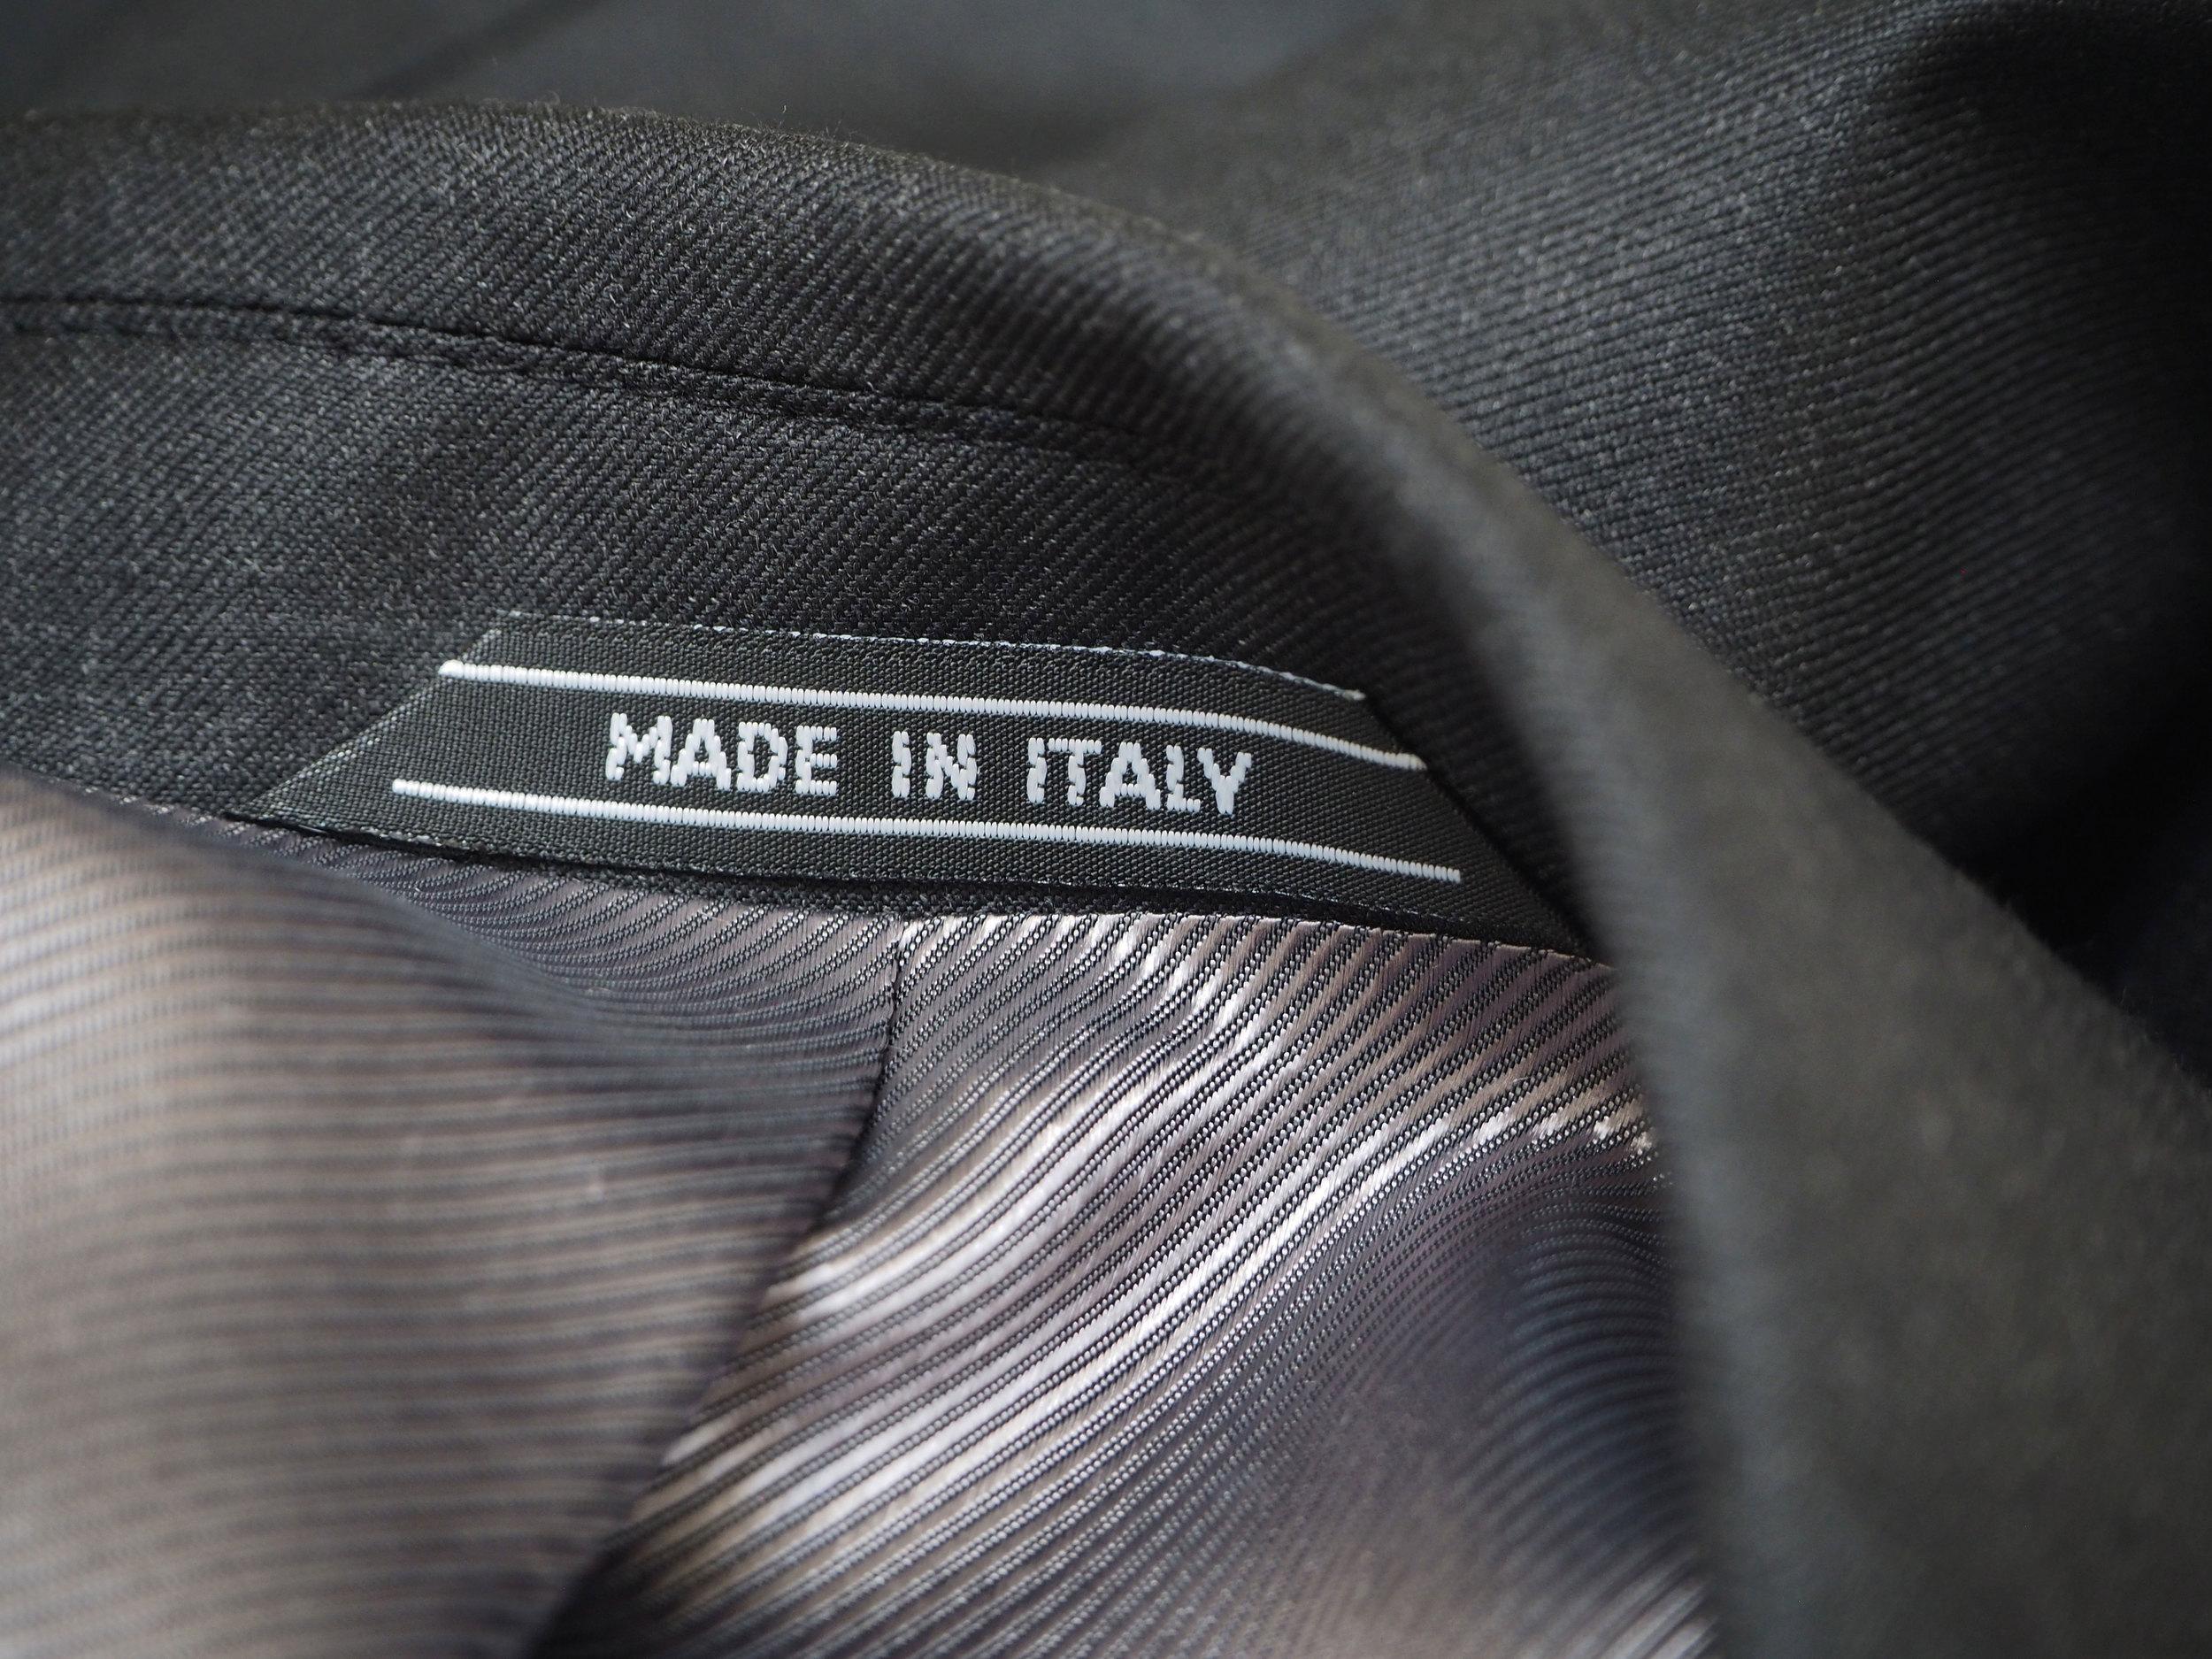 MADE-IN-ITALY---nakke-koksgrå-jakke.jpg